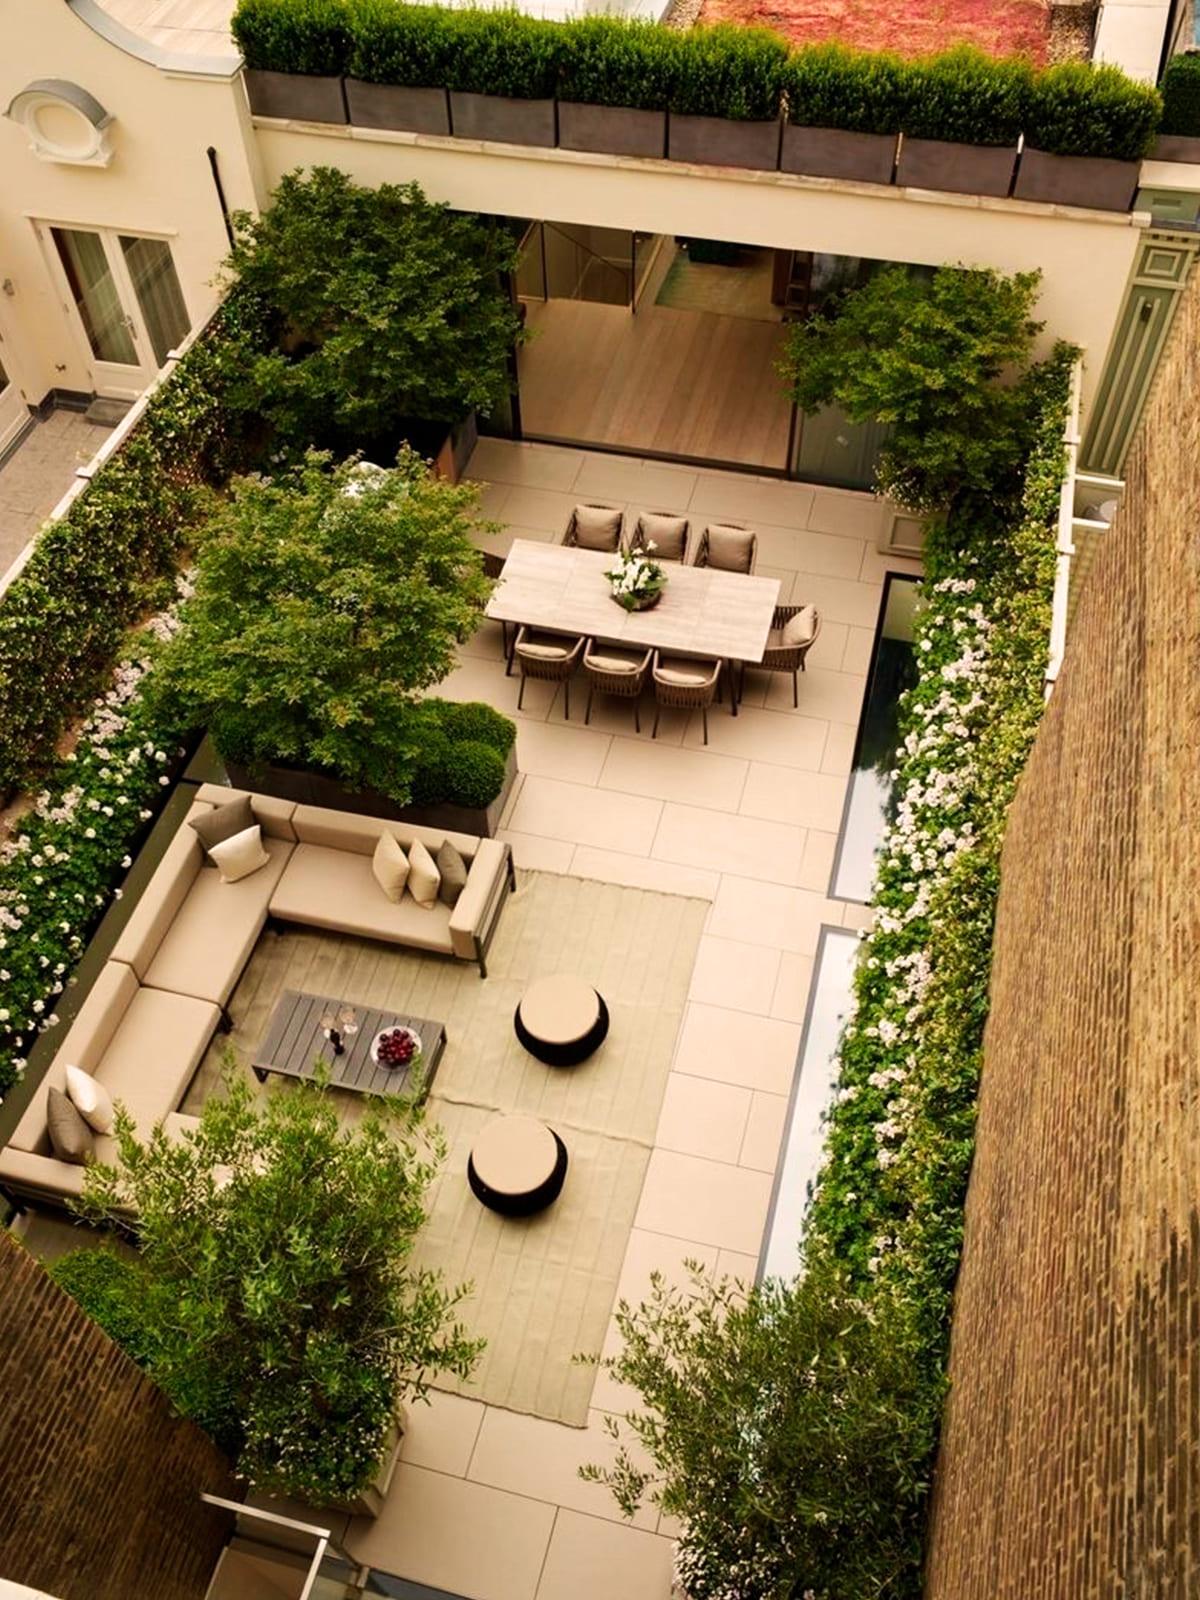 blog-vegetacion-decoracion-terrazas-balcones-08_HIDROJARDIN-Bañeres